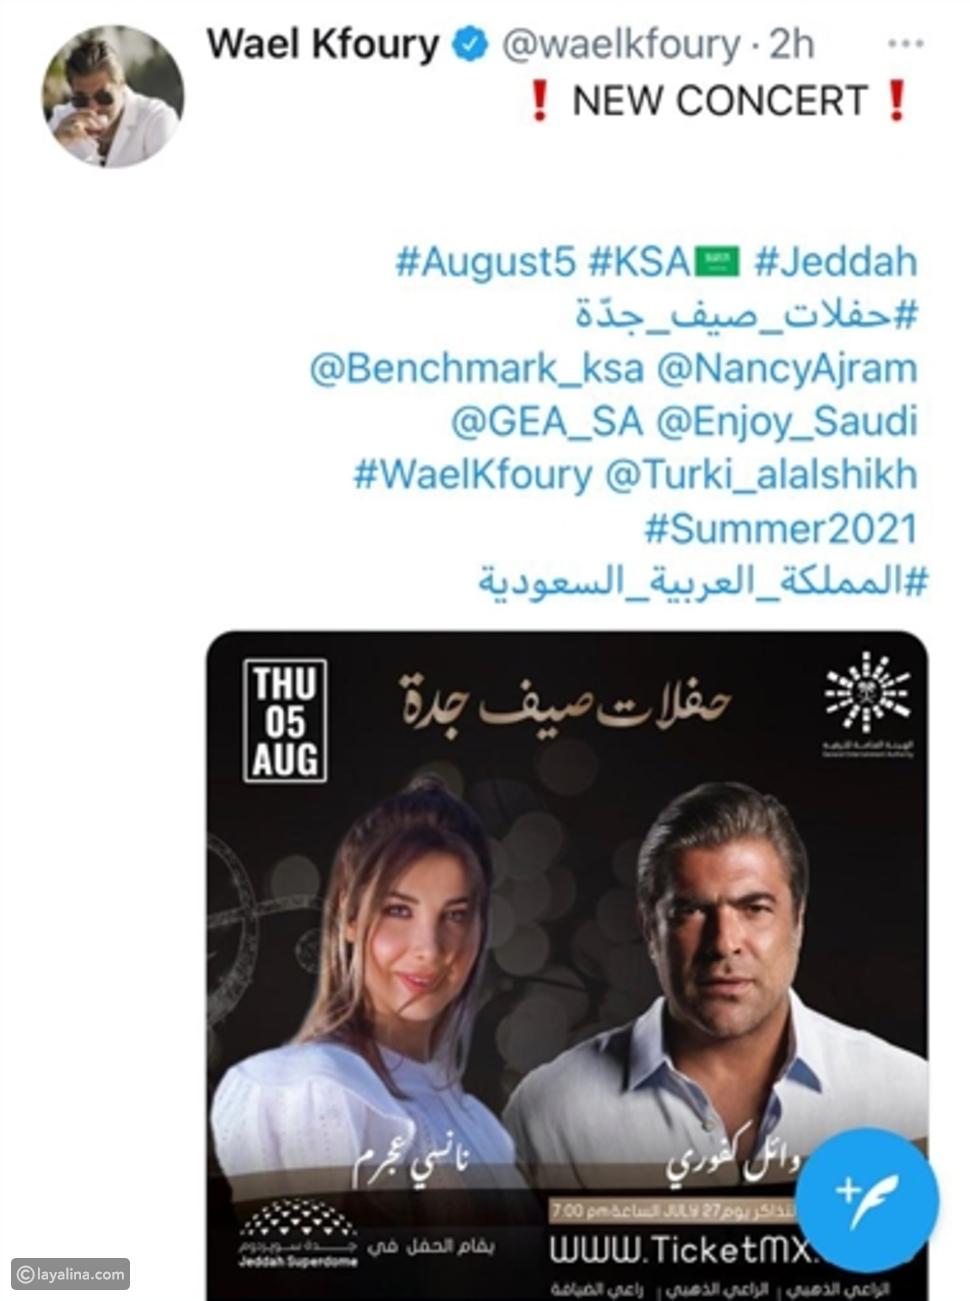 تفاصيل حفل وائل كفوري ونانسي عجرم الغنائي مطلع أغسطس